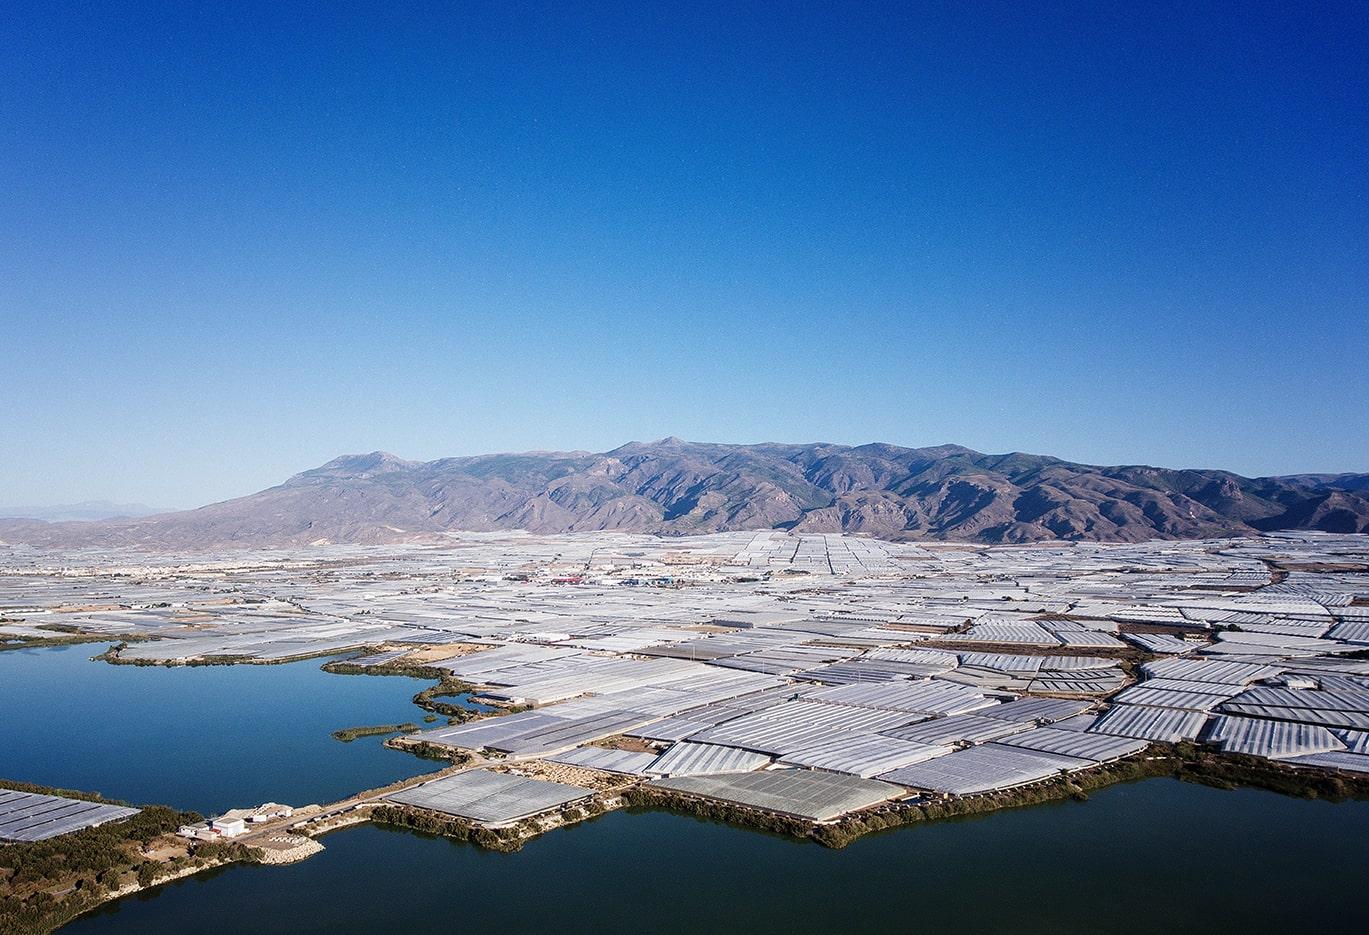 İspanya'nın Almeria ve Granada bölgelerinde devam eden ciddi soğuk ve yağışlar, üretimde büyük verim kayıplarının yaşanmasına neden oldu.